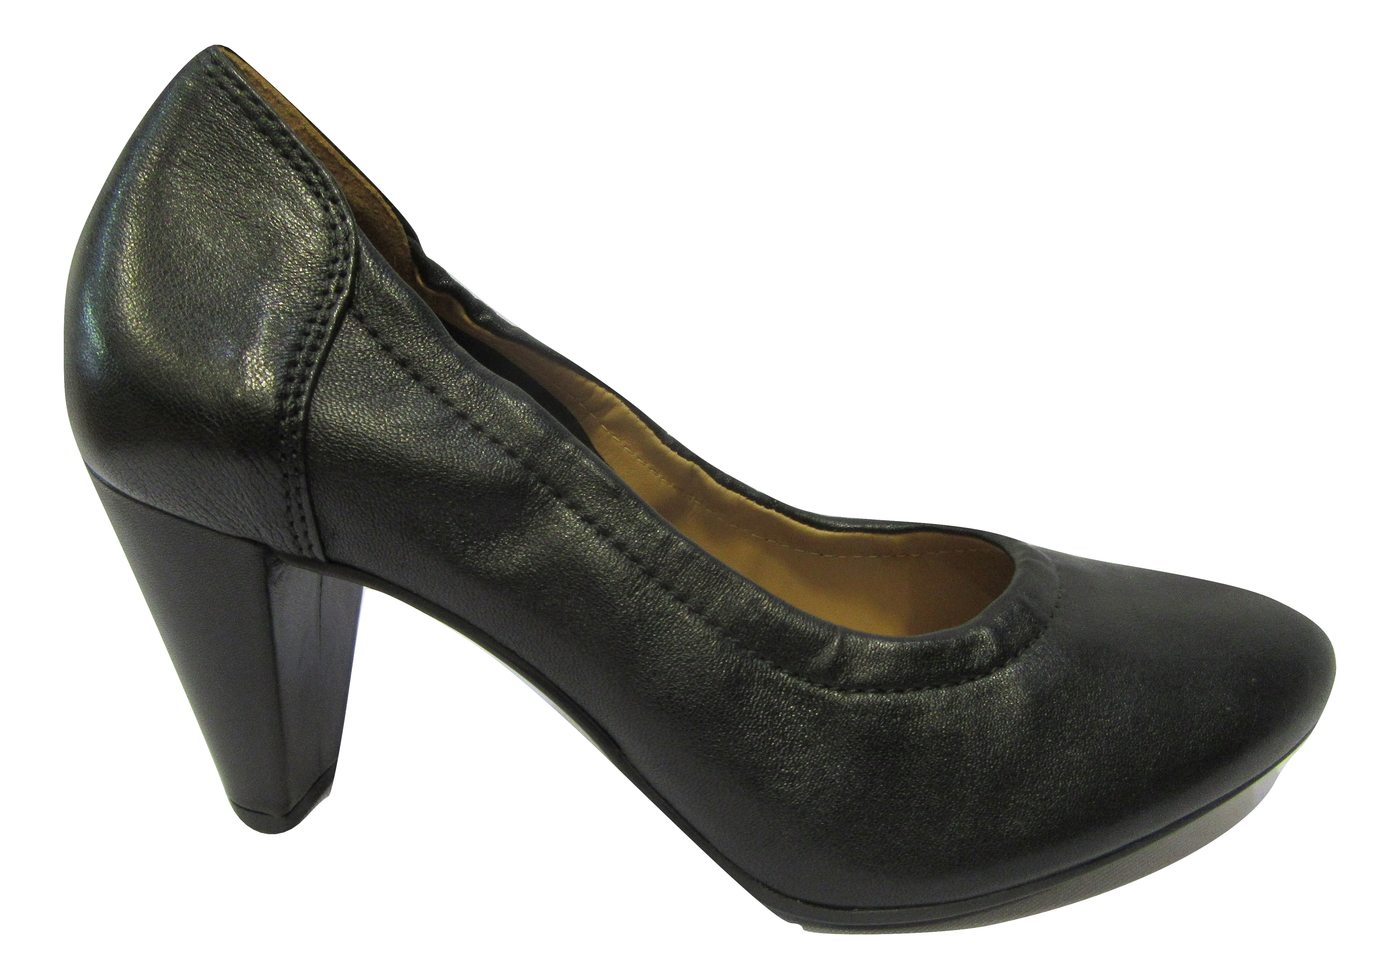 escarpins hogl confort cuir noir escarpins chaussures pour. Black Bedroom Furniture Sets. Home Design Ideas